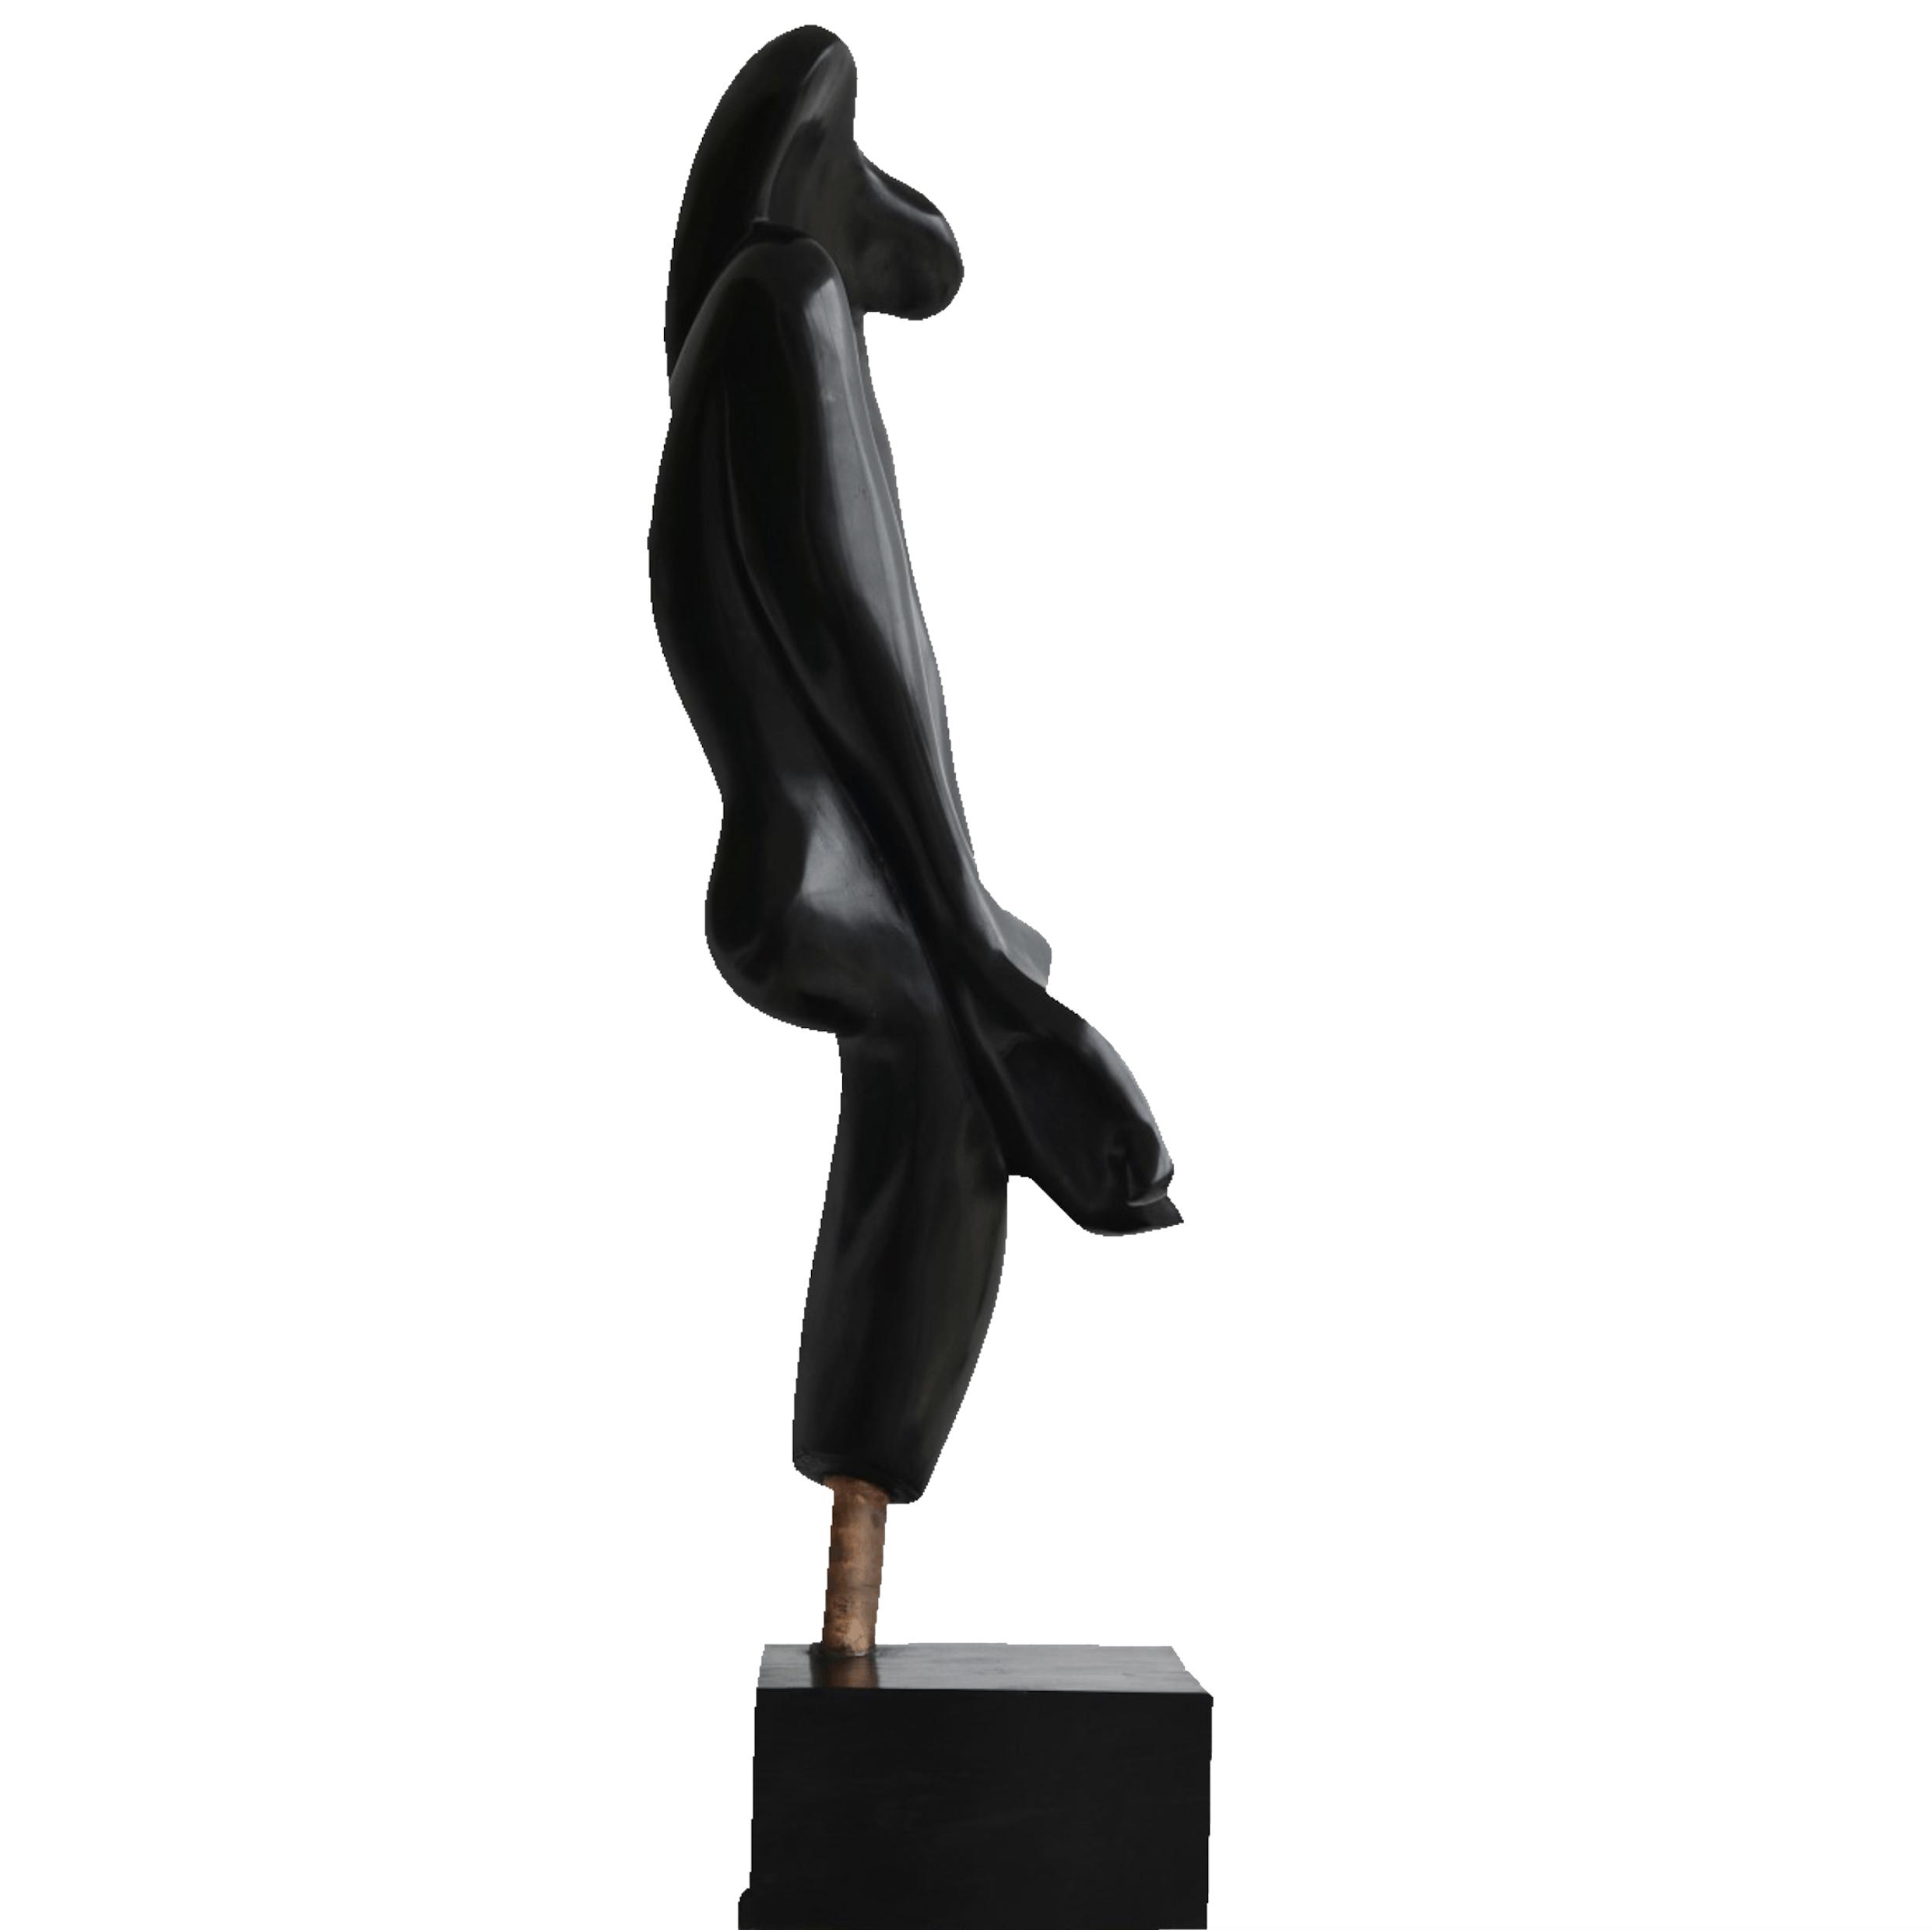 Ebong Ekwere - Untitled (2019)